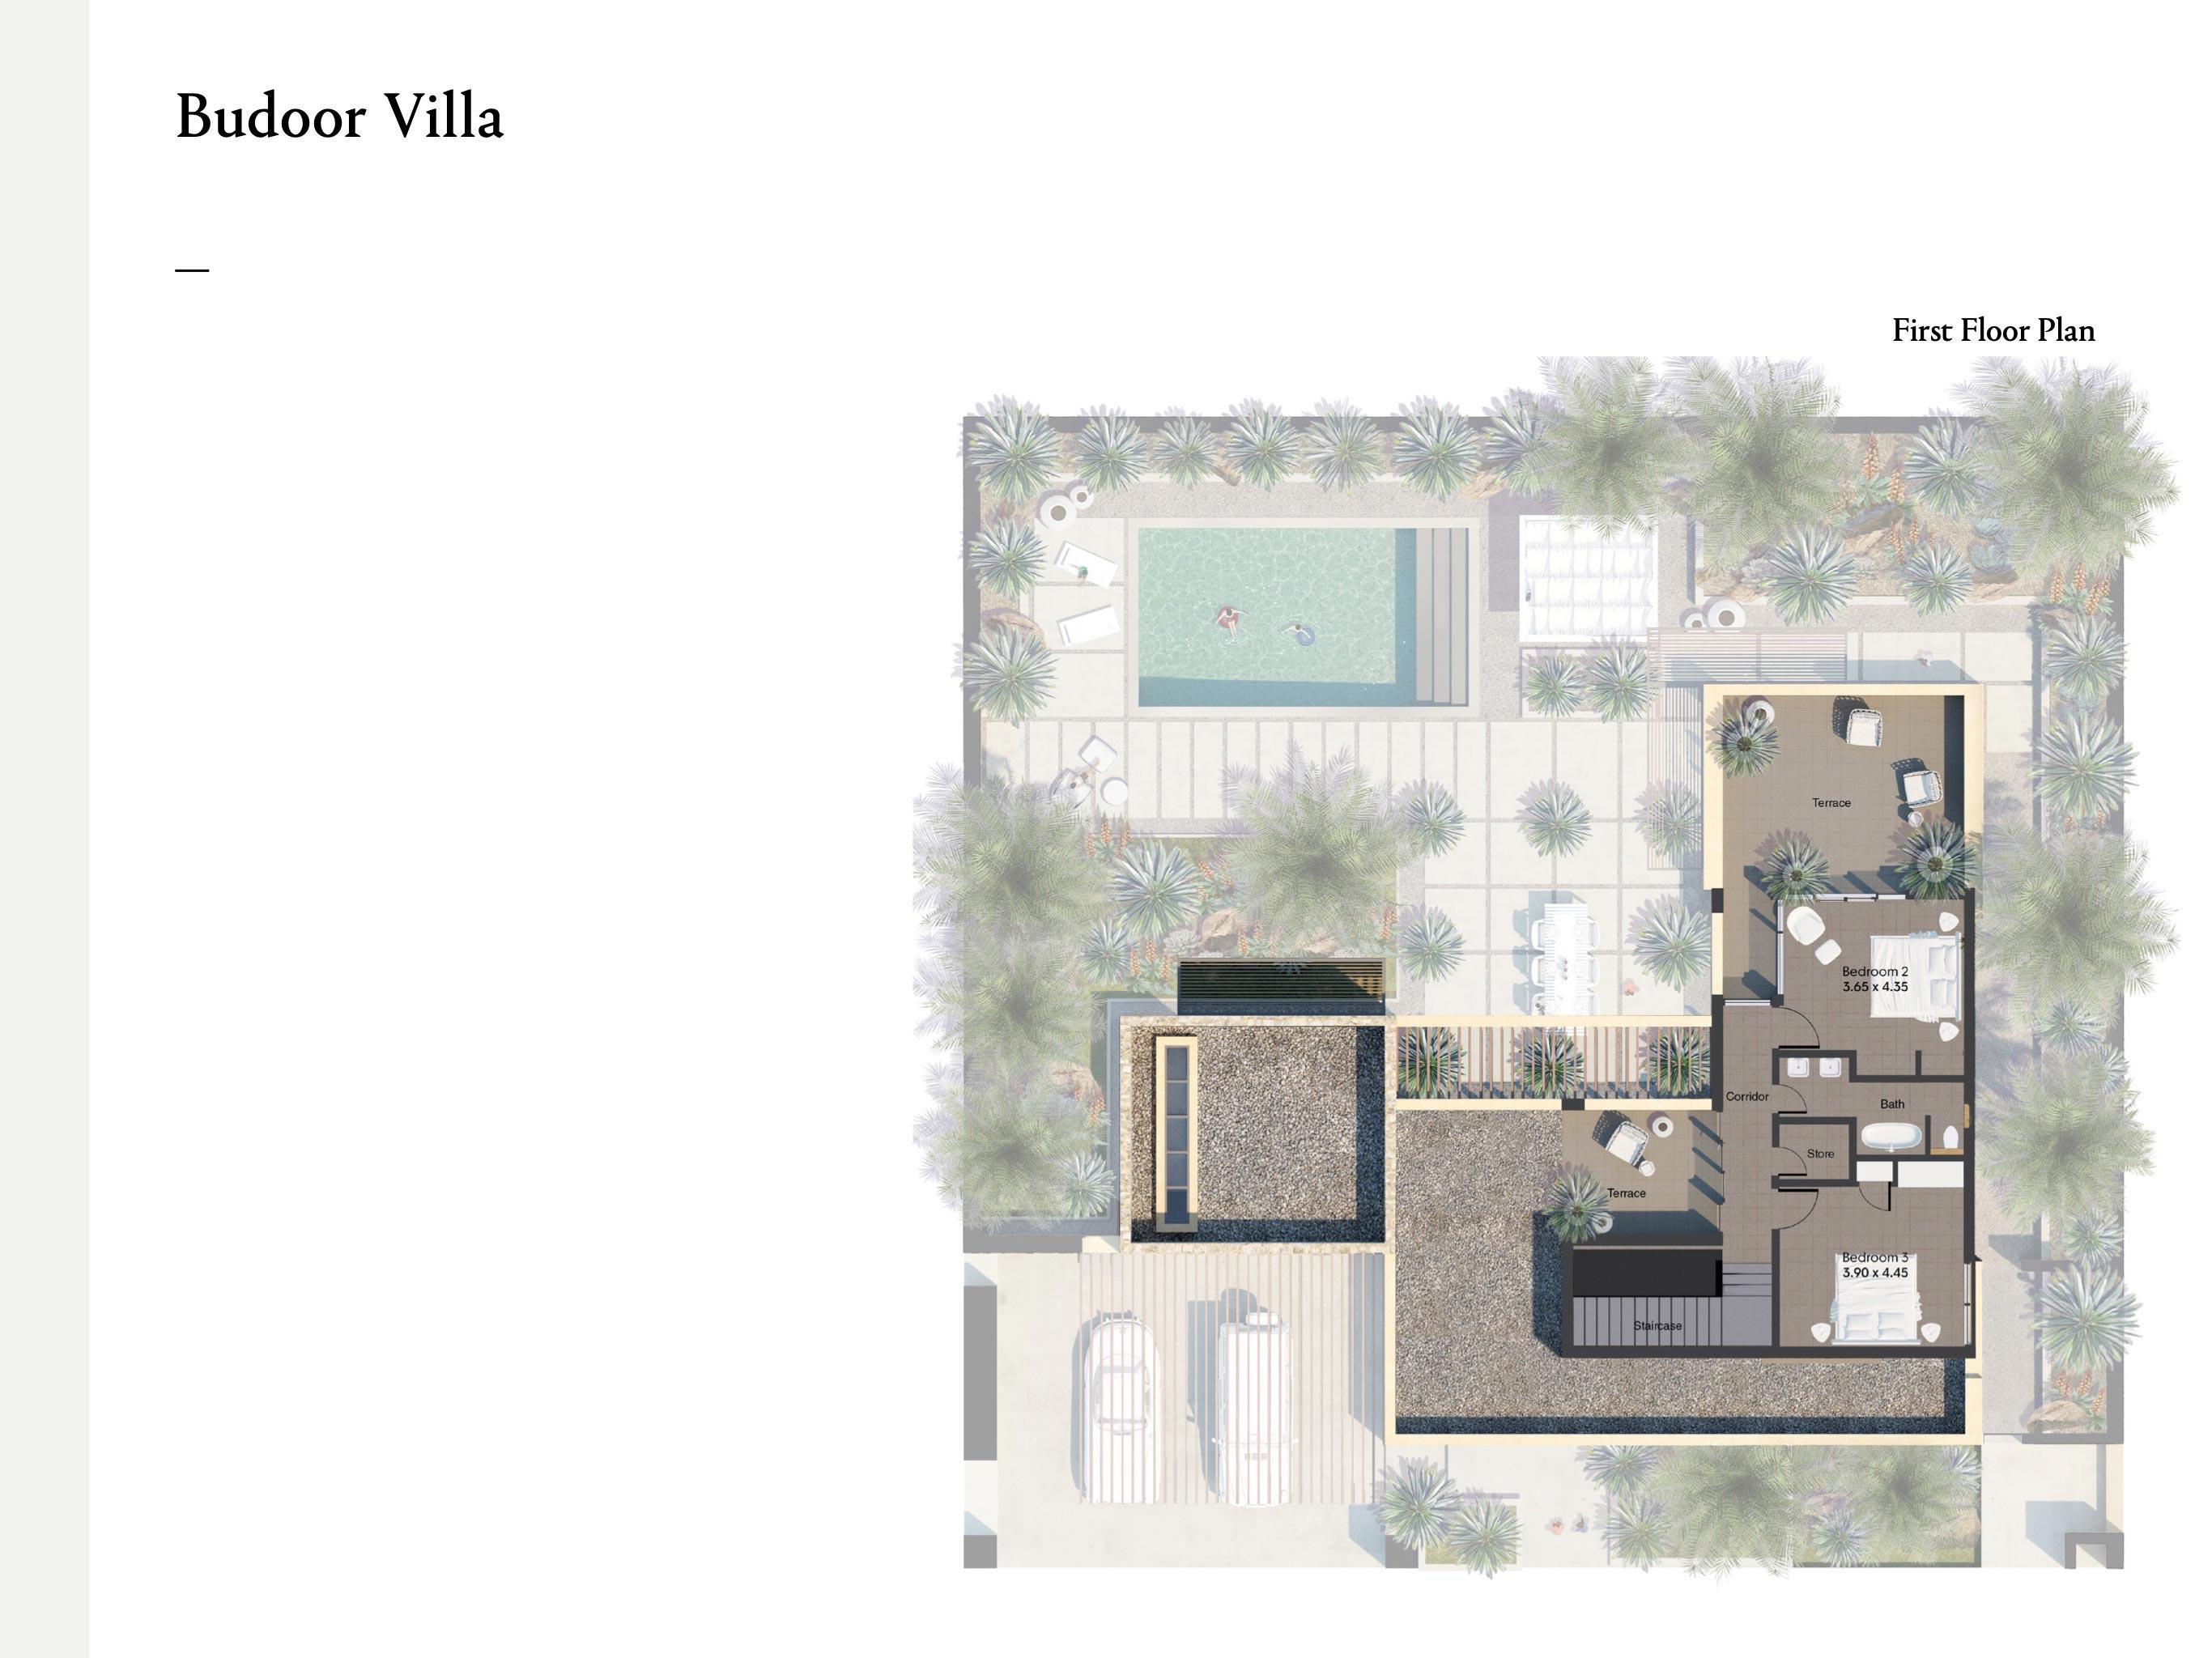 فلل من سبع غرف نوم بمساحة 830 متر مربع